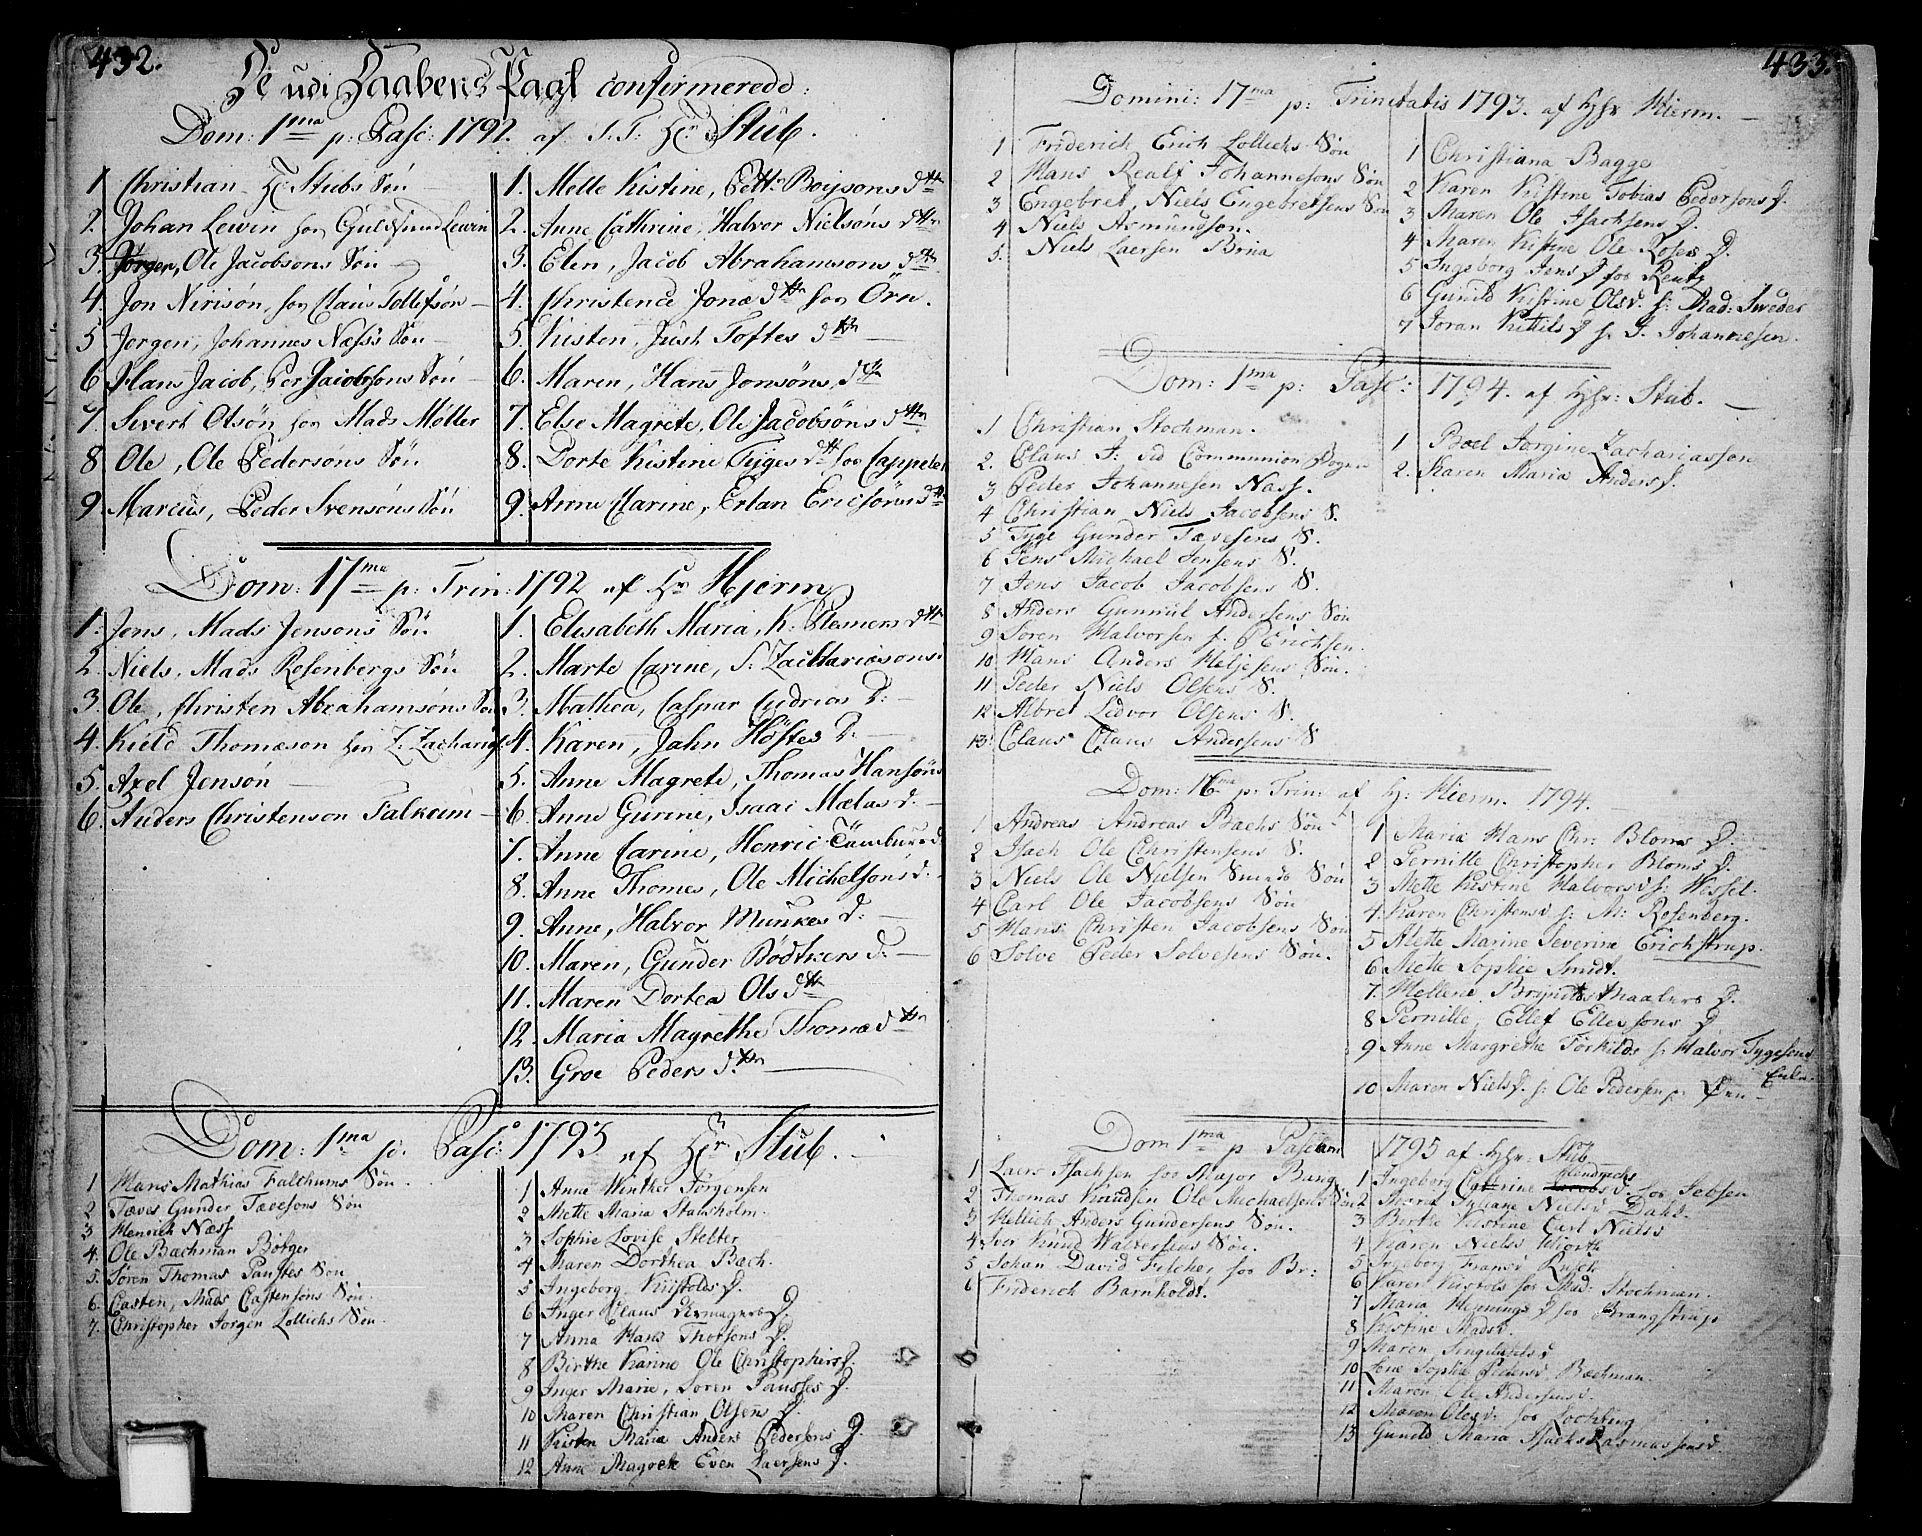 SAKO, Skien kirkebøker, F/Fa/L0004: Ministerialbok nr. 4, 1792-1814, s. 432-433